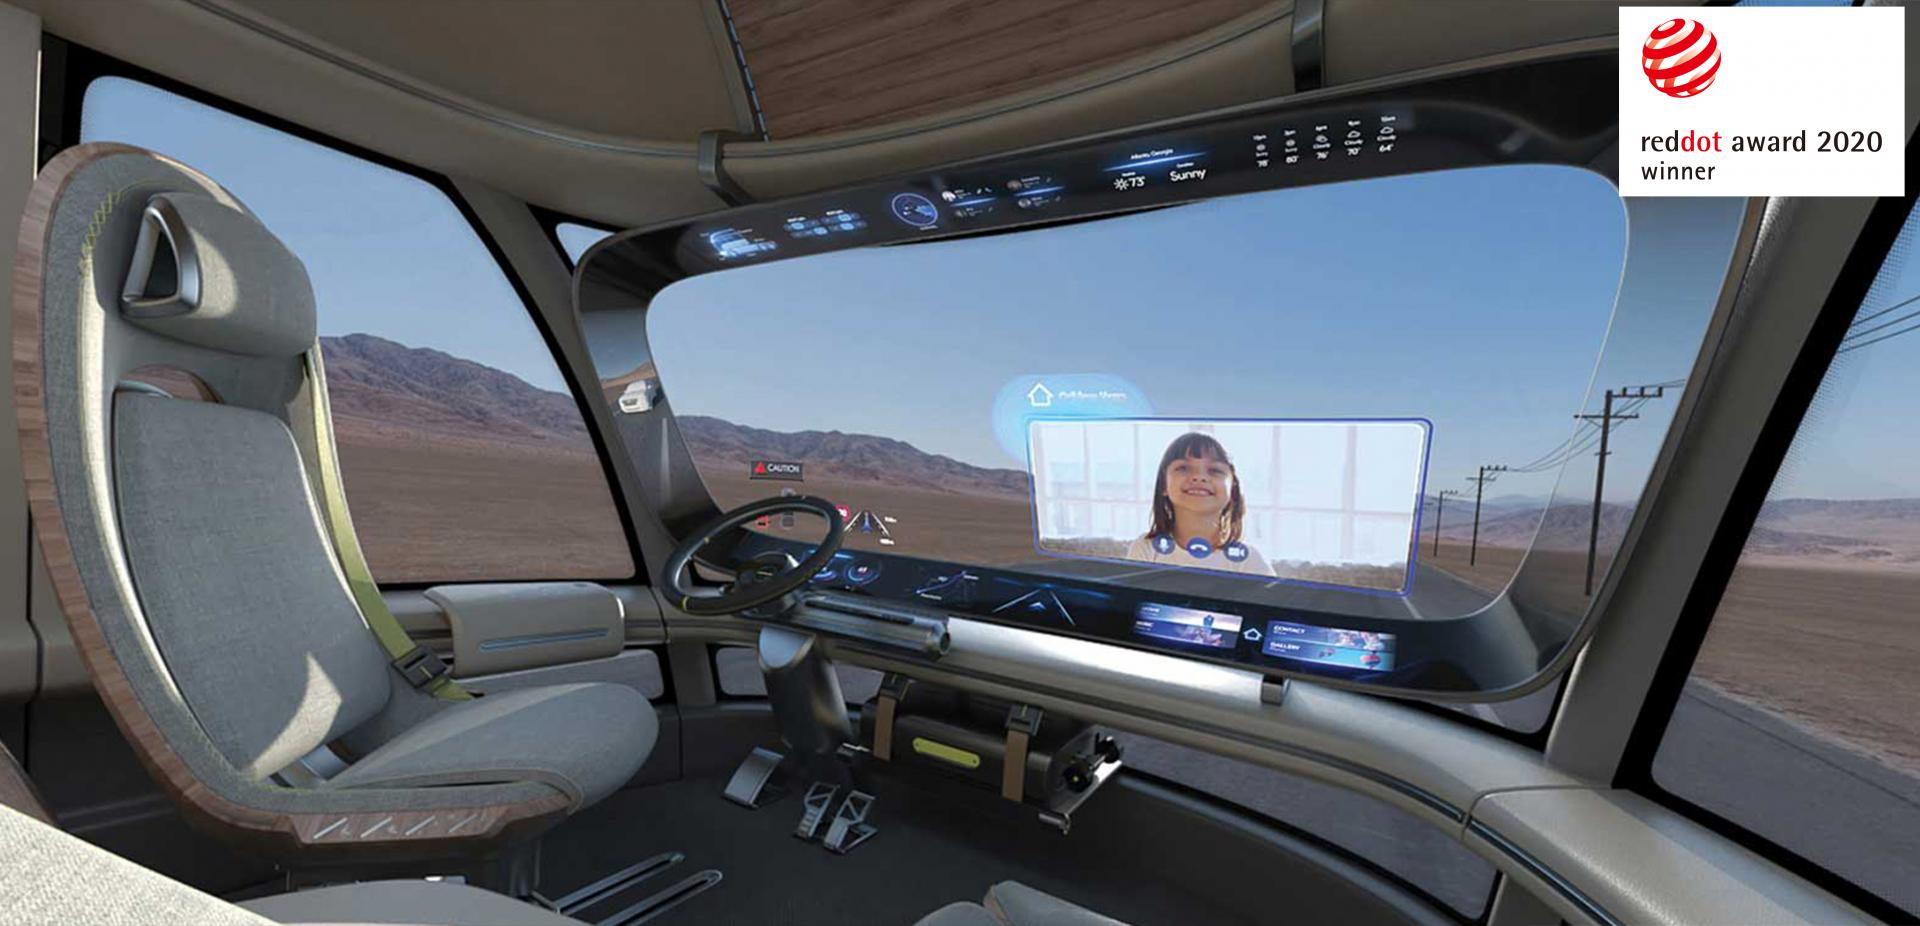 Компанія Hyundai Motor отримала три нагороди Red Dot Award 2020 за концептуальний дизайн | Хюндай Мотор Поділля - фото 12